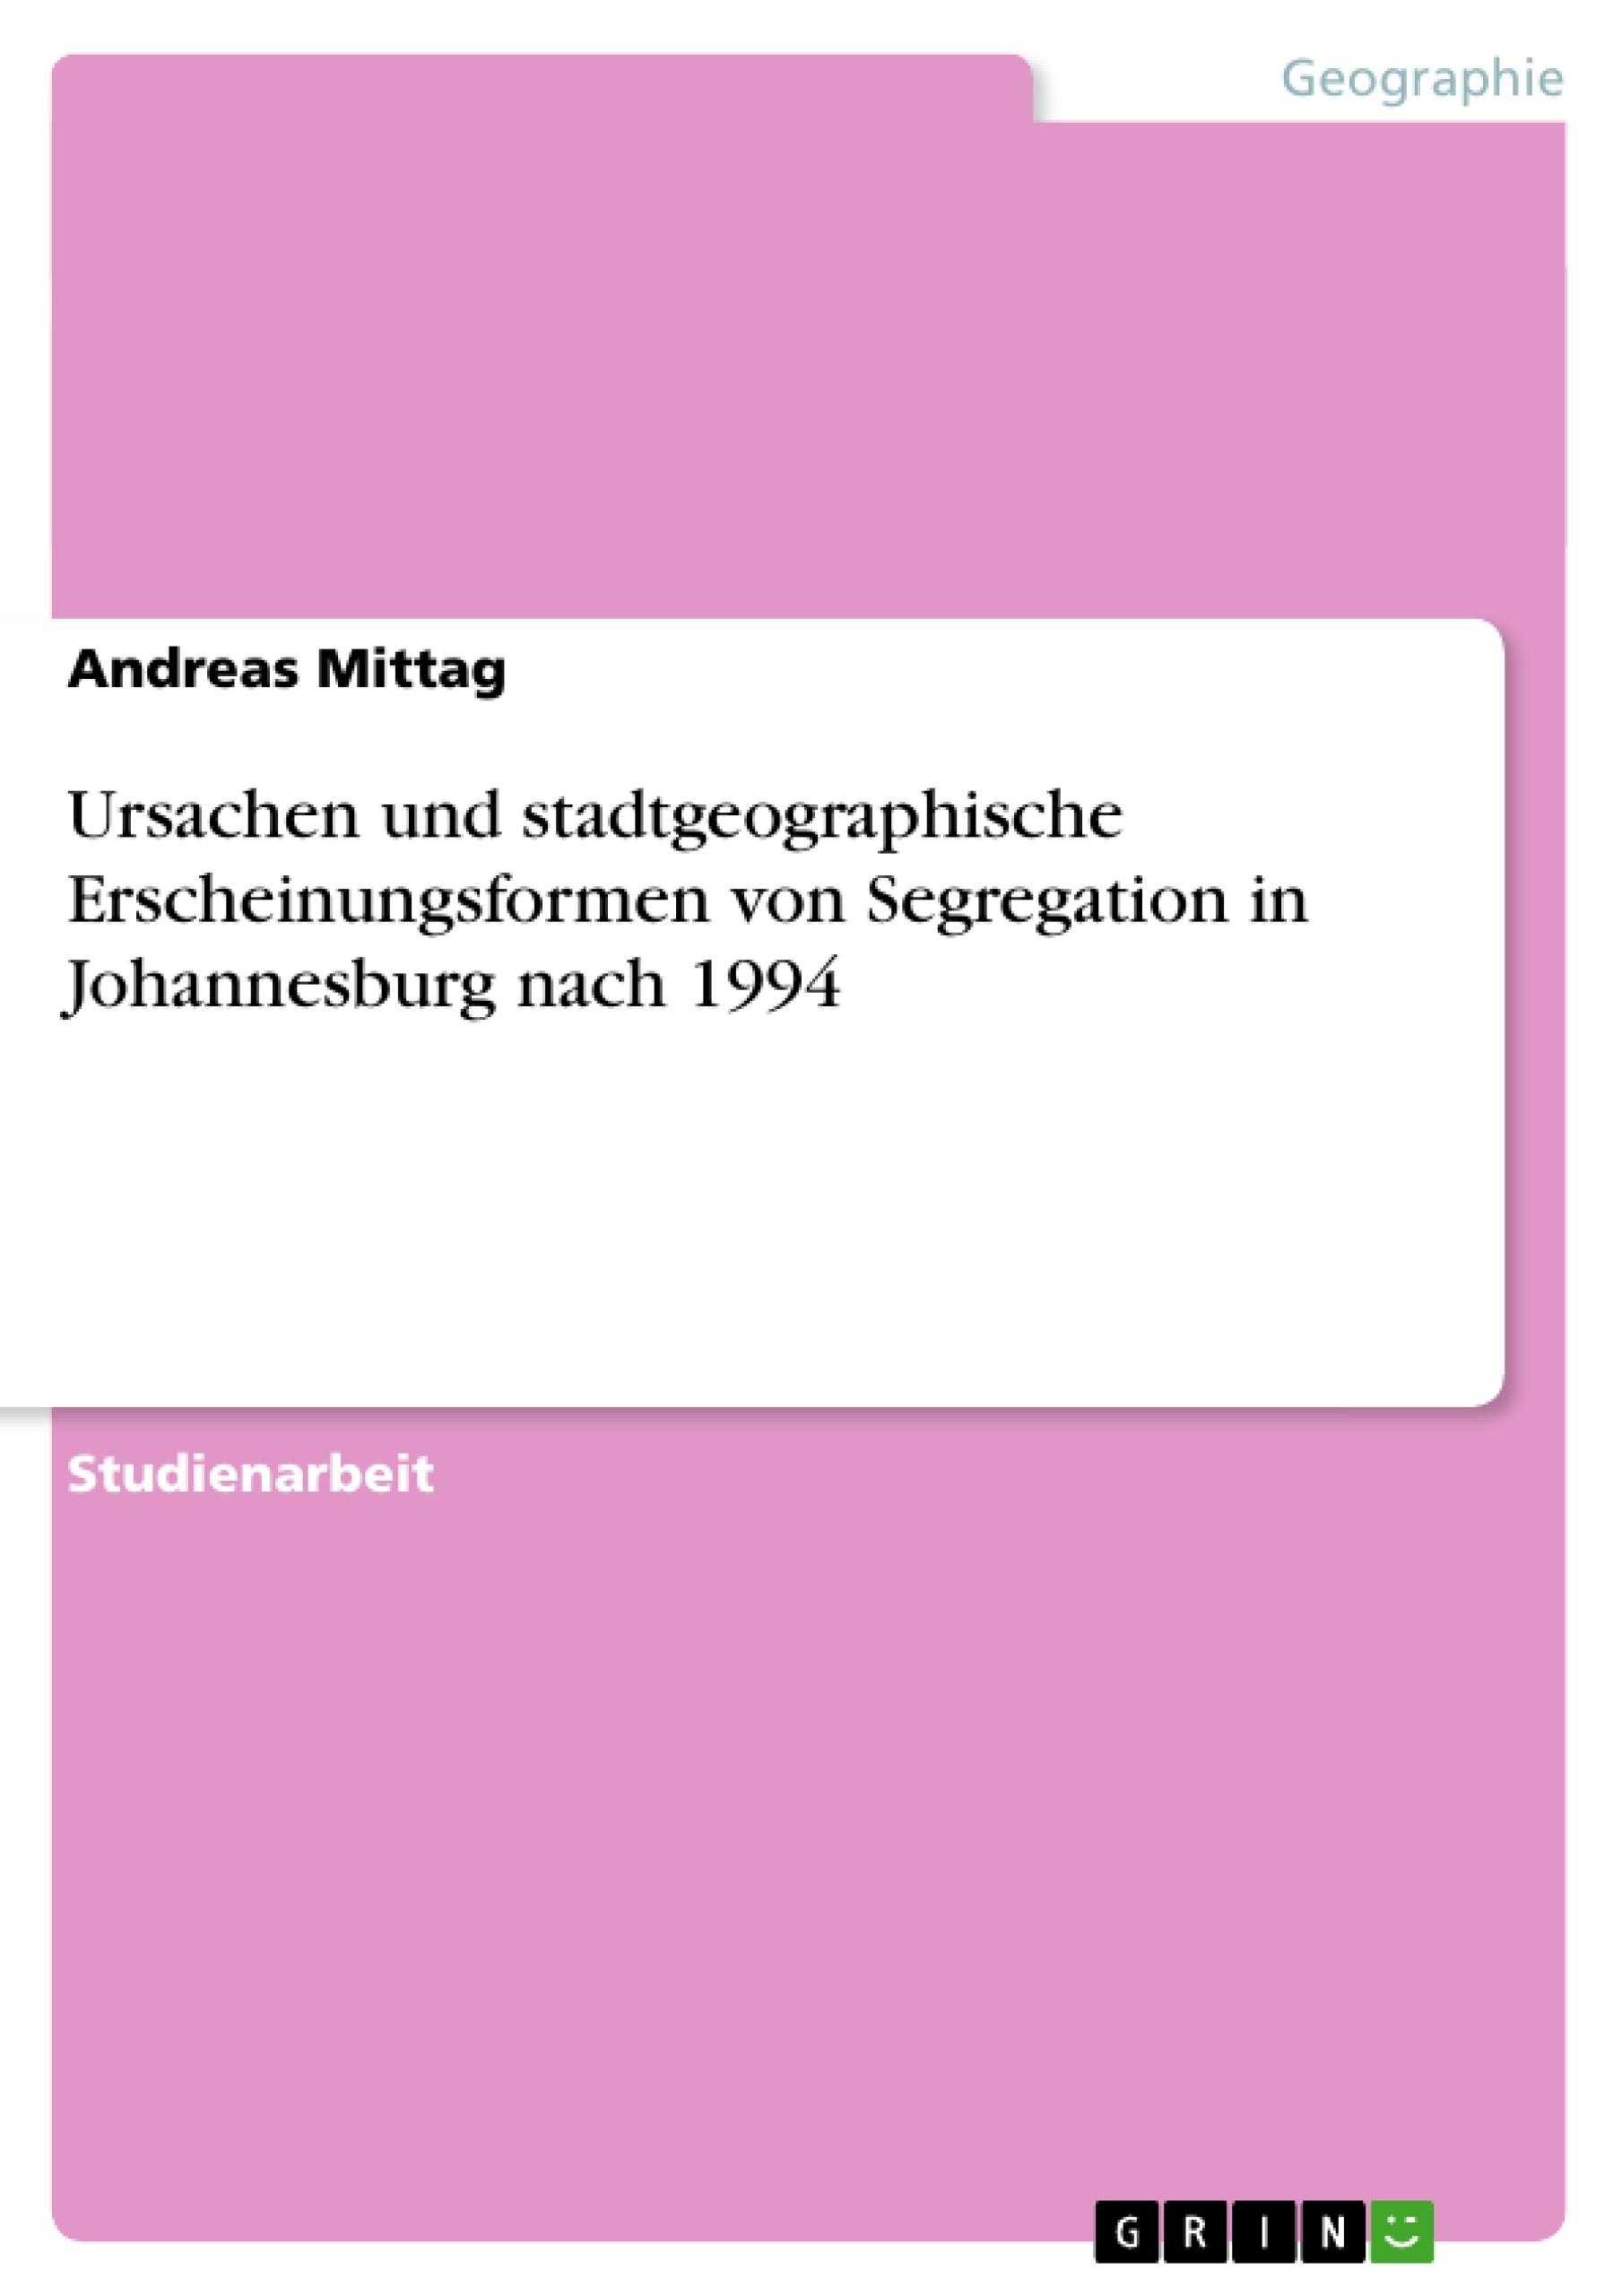 Titel: Ursachen und stadtgeographische Erscheinungsformen von Segregation in Johannesburg nach 1994